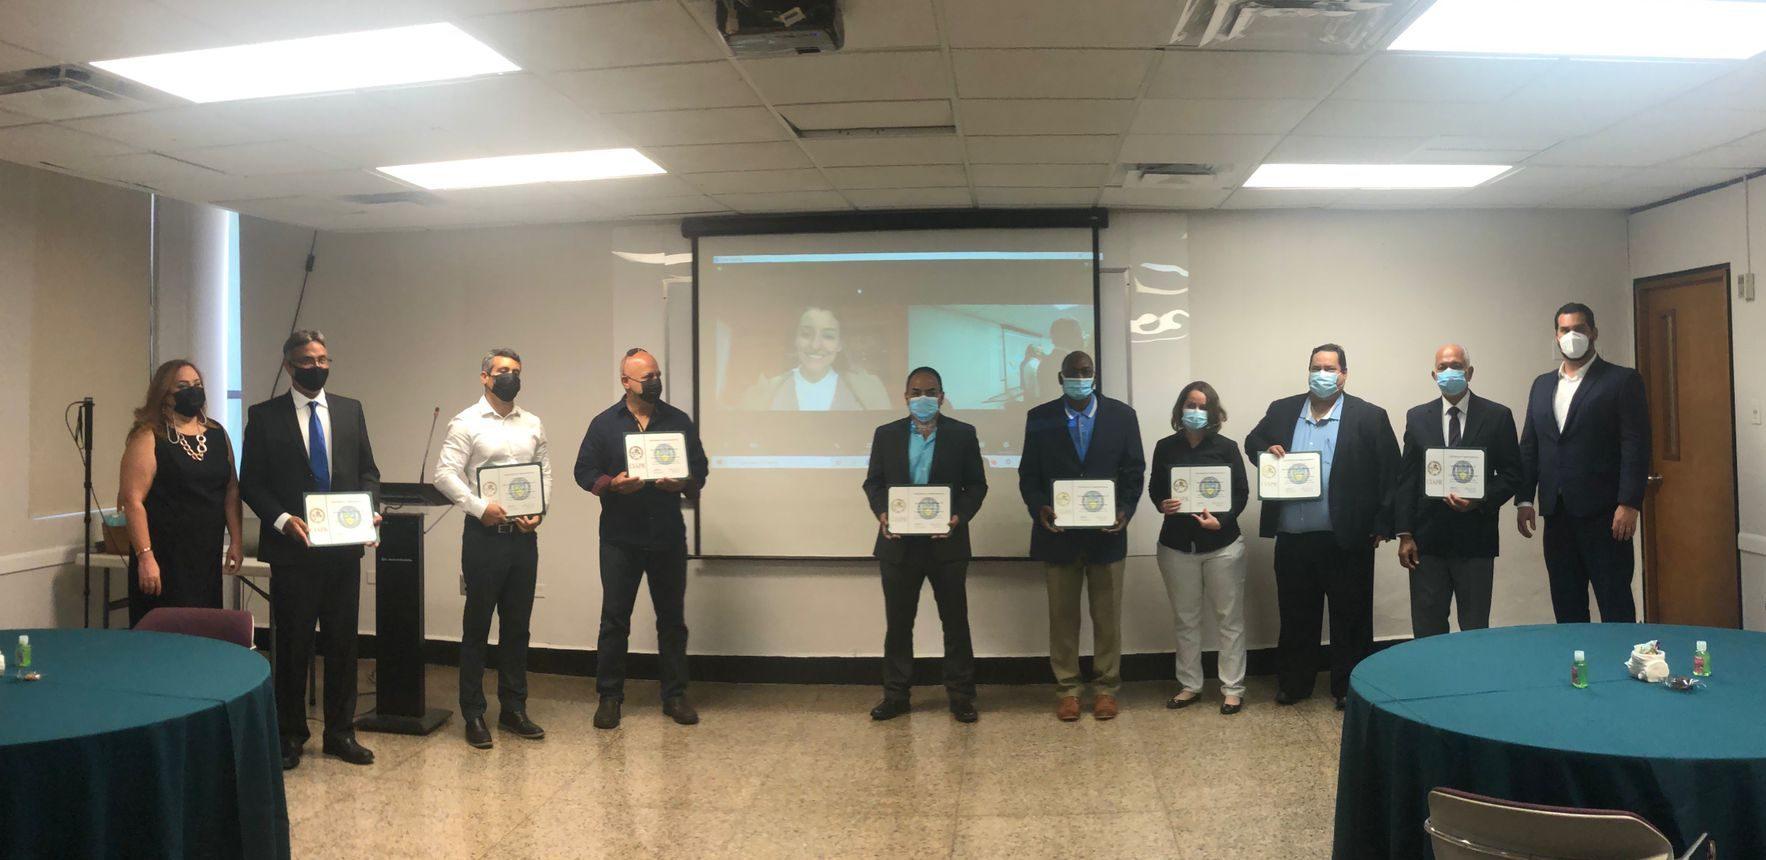 Primeros Egresados del Programa Educativo de Energía Solar en Puerto Rico - Solar Energy International (SEI) - Cursos de Energía Solar para la Fuerza Laboral